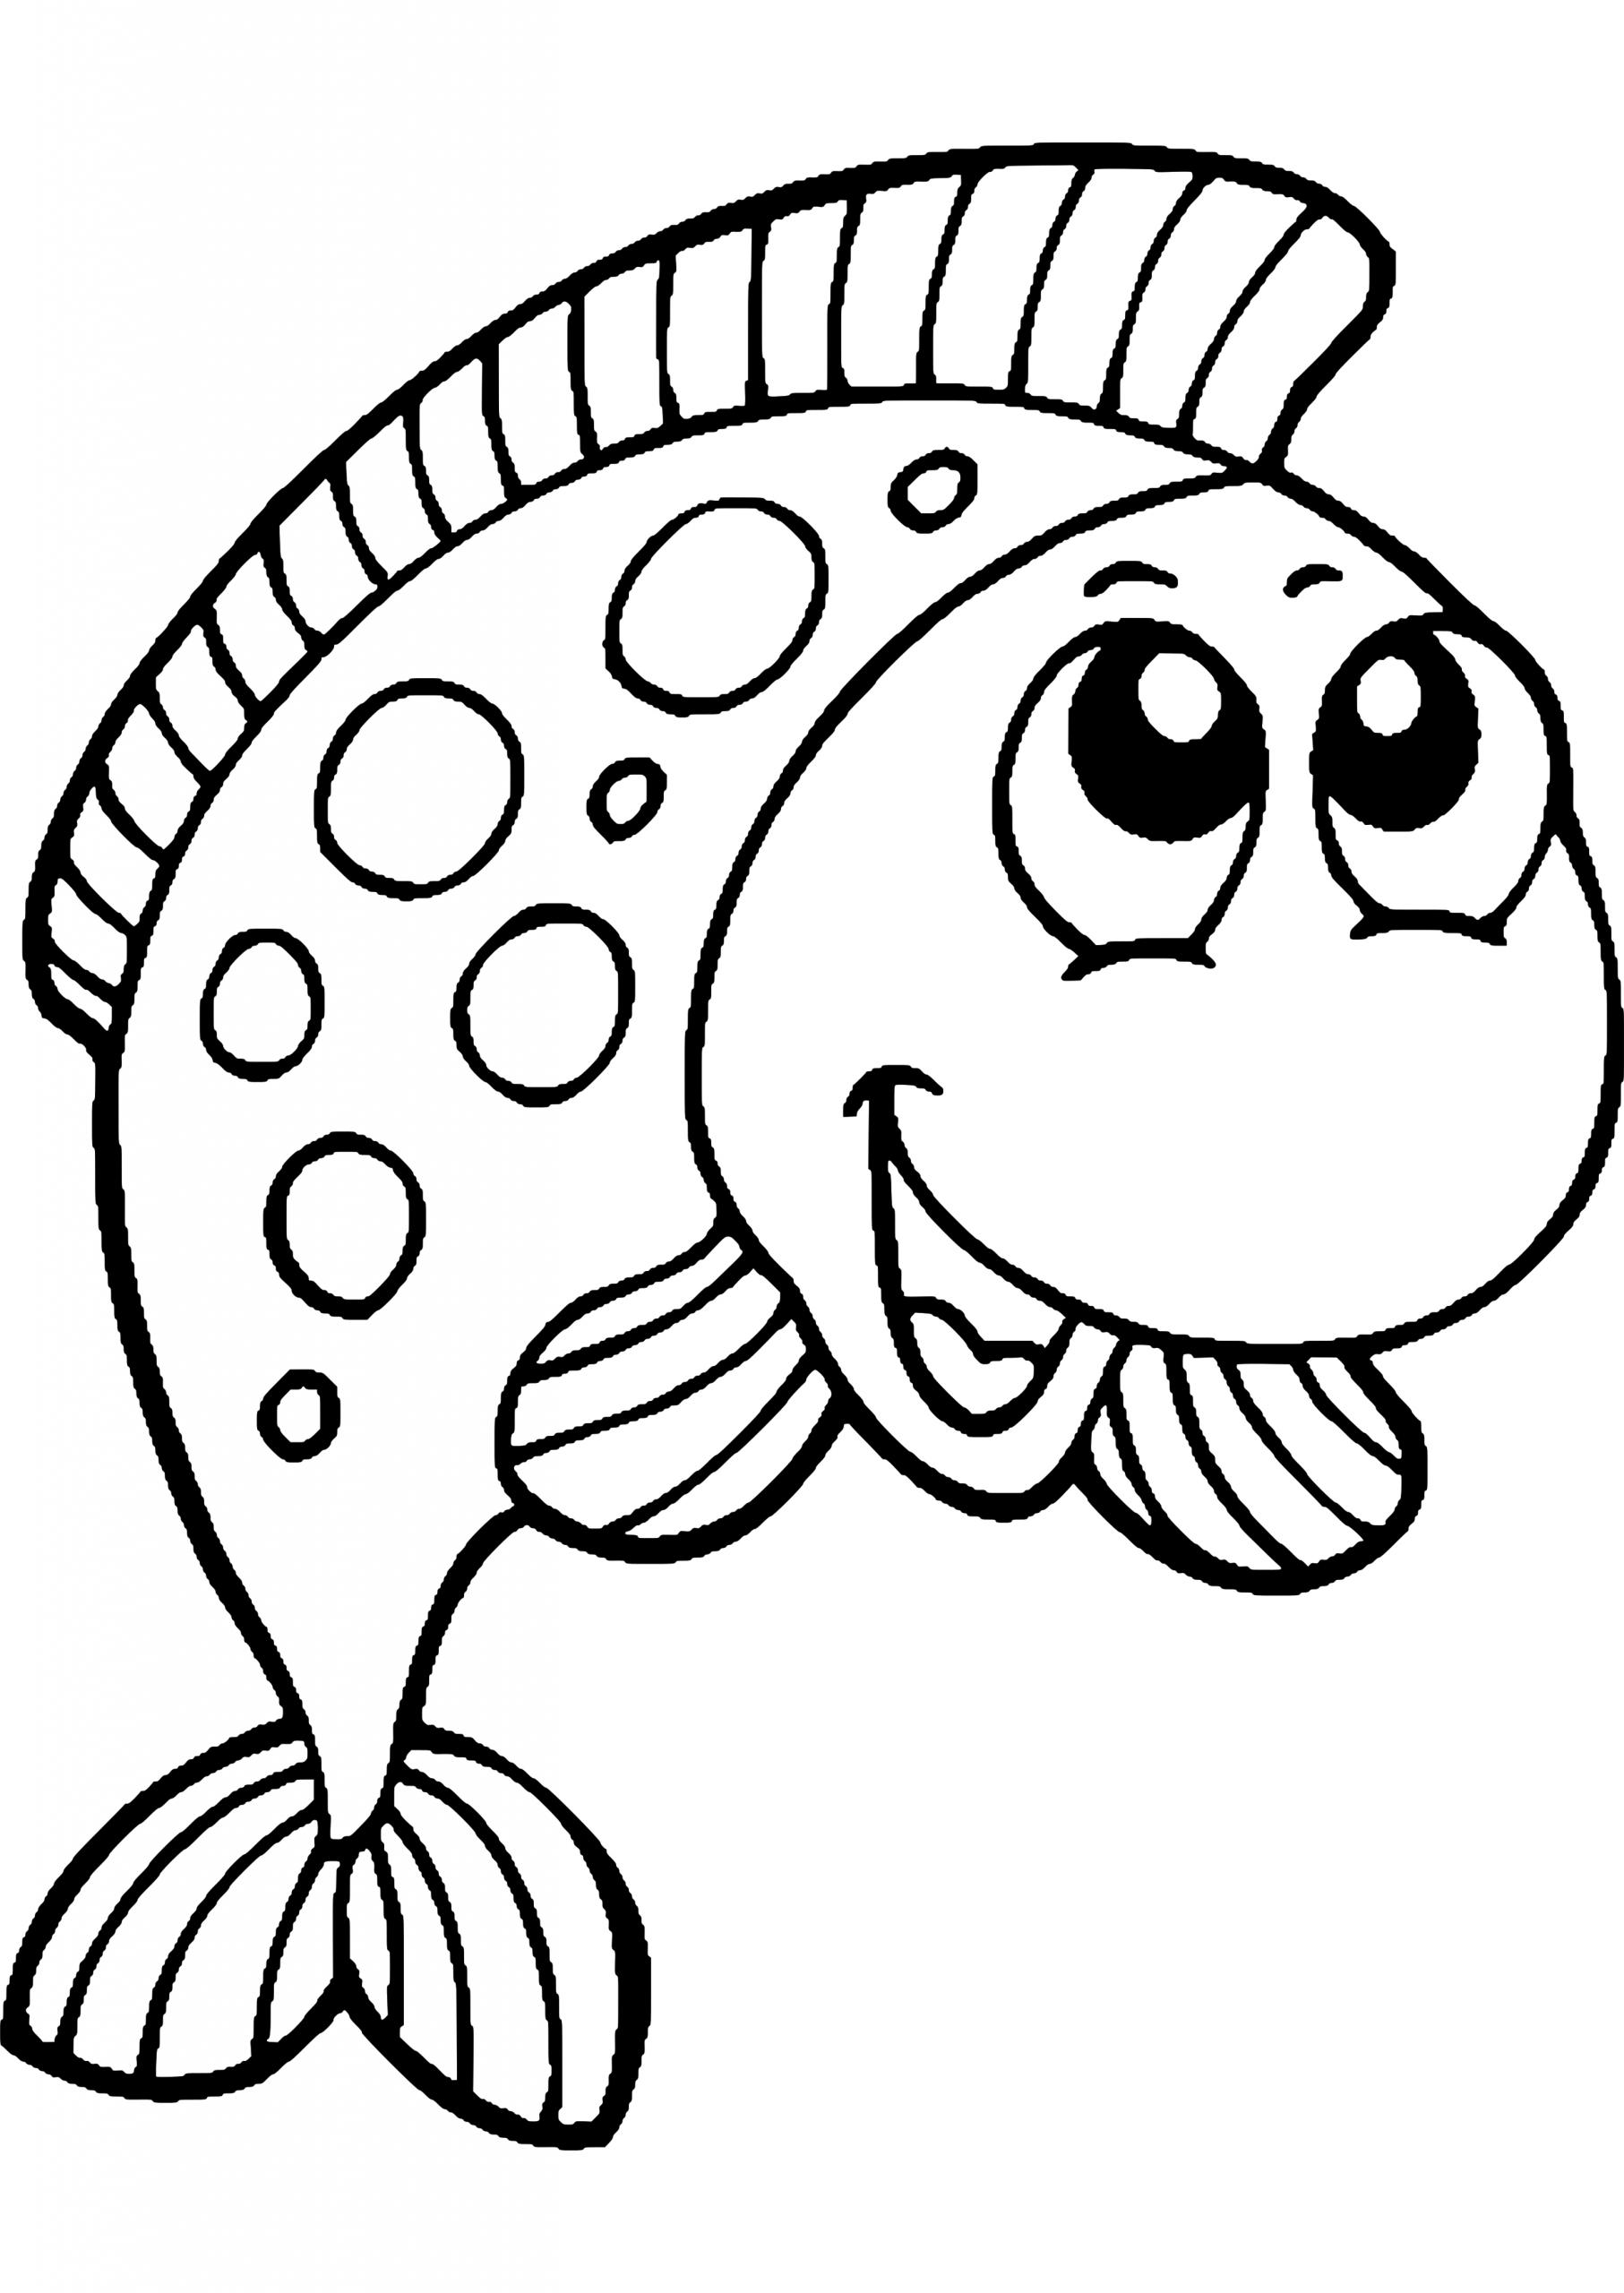 fische zum ausmalen - kinderbilder.download | kinderbilder